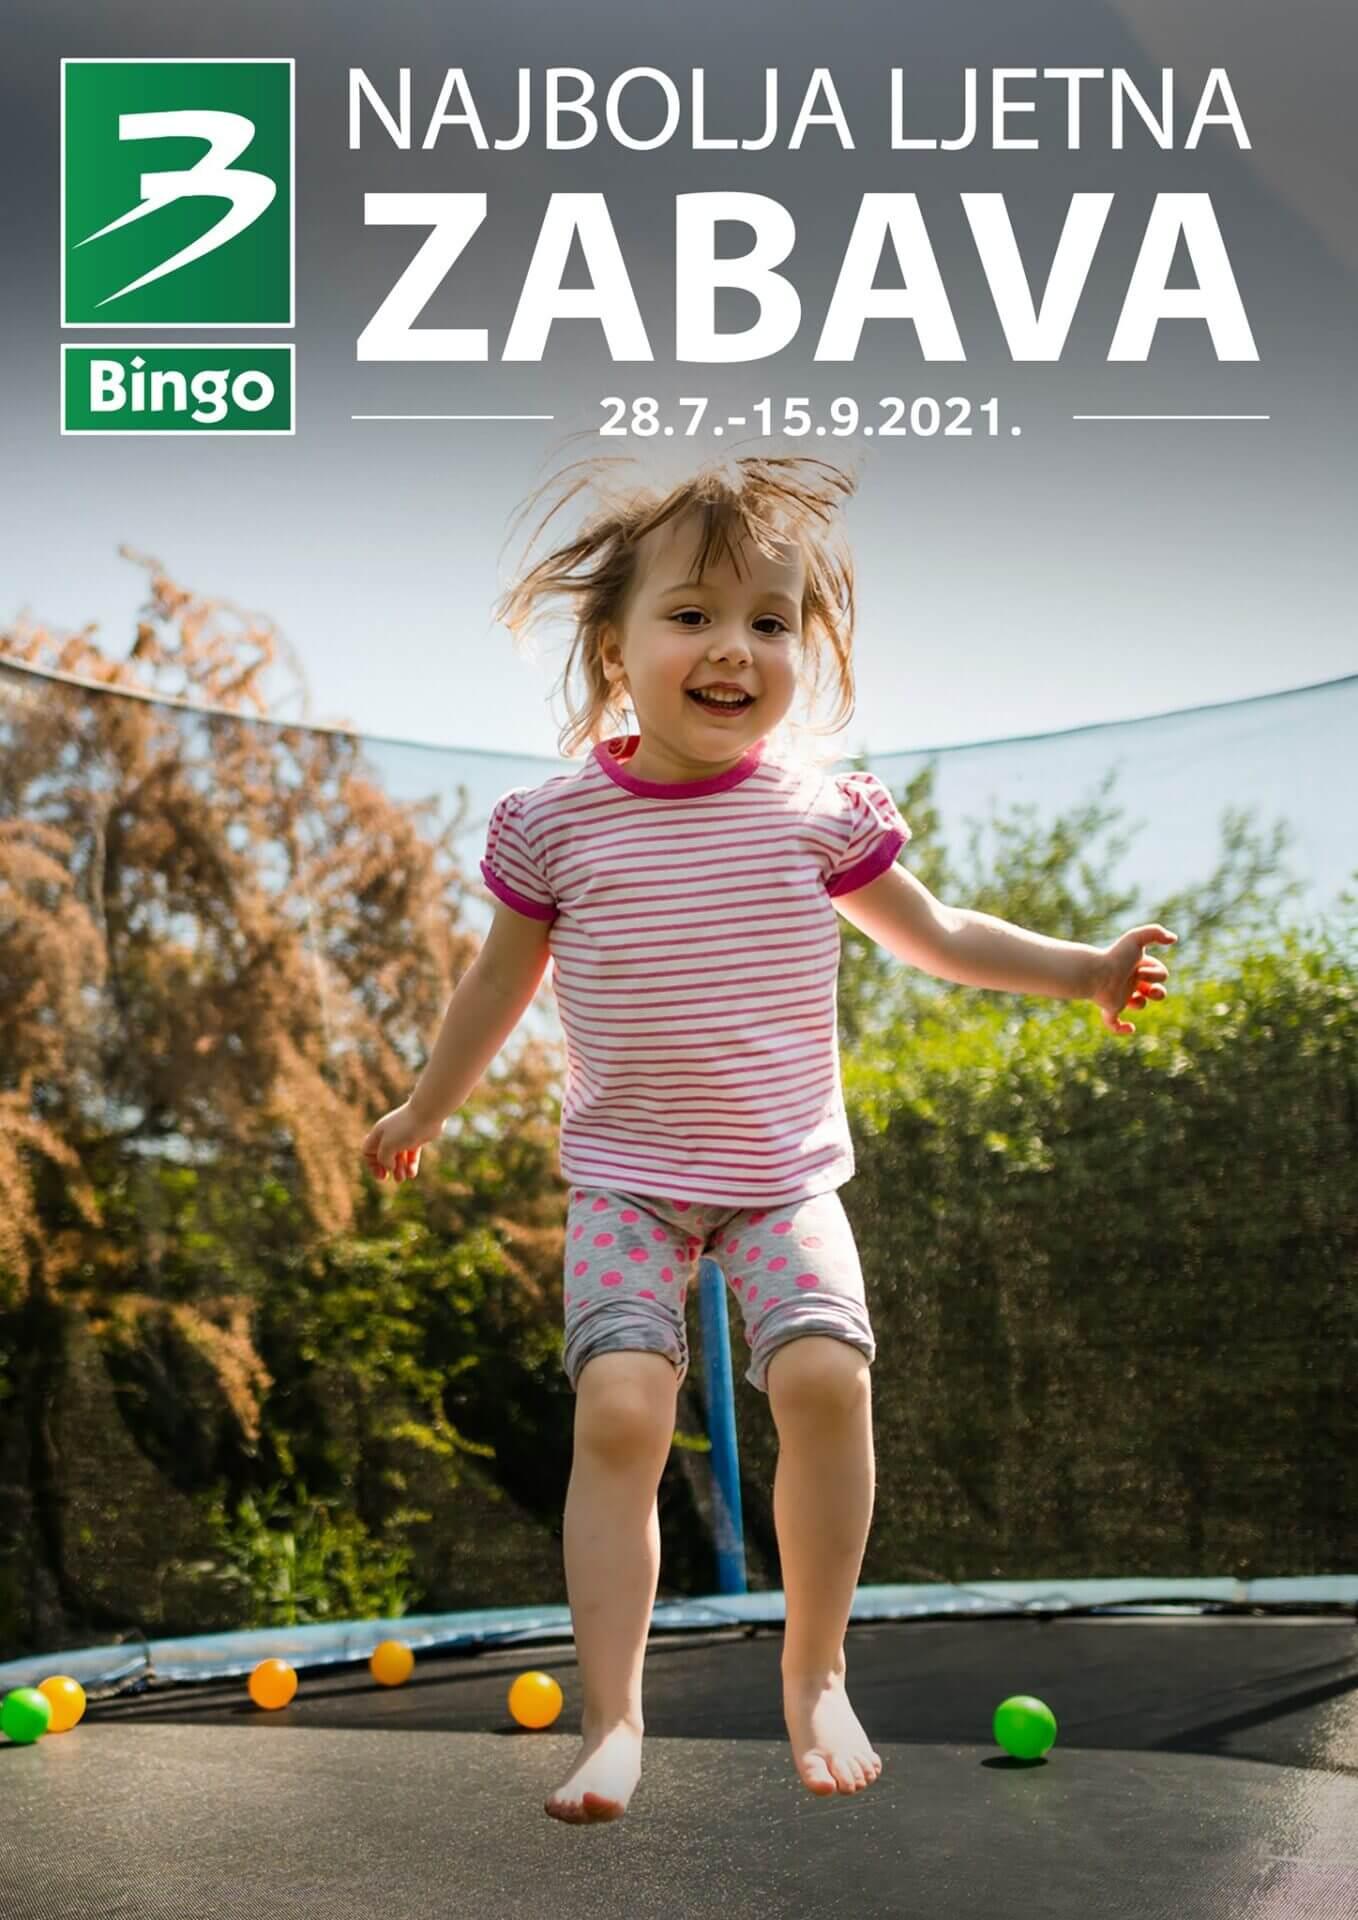 BINGO katalog 28.7. 15.9. 1